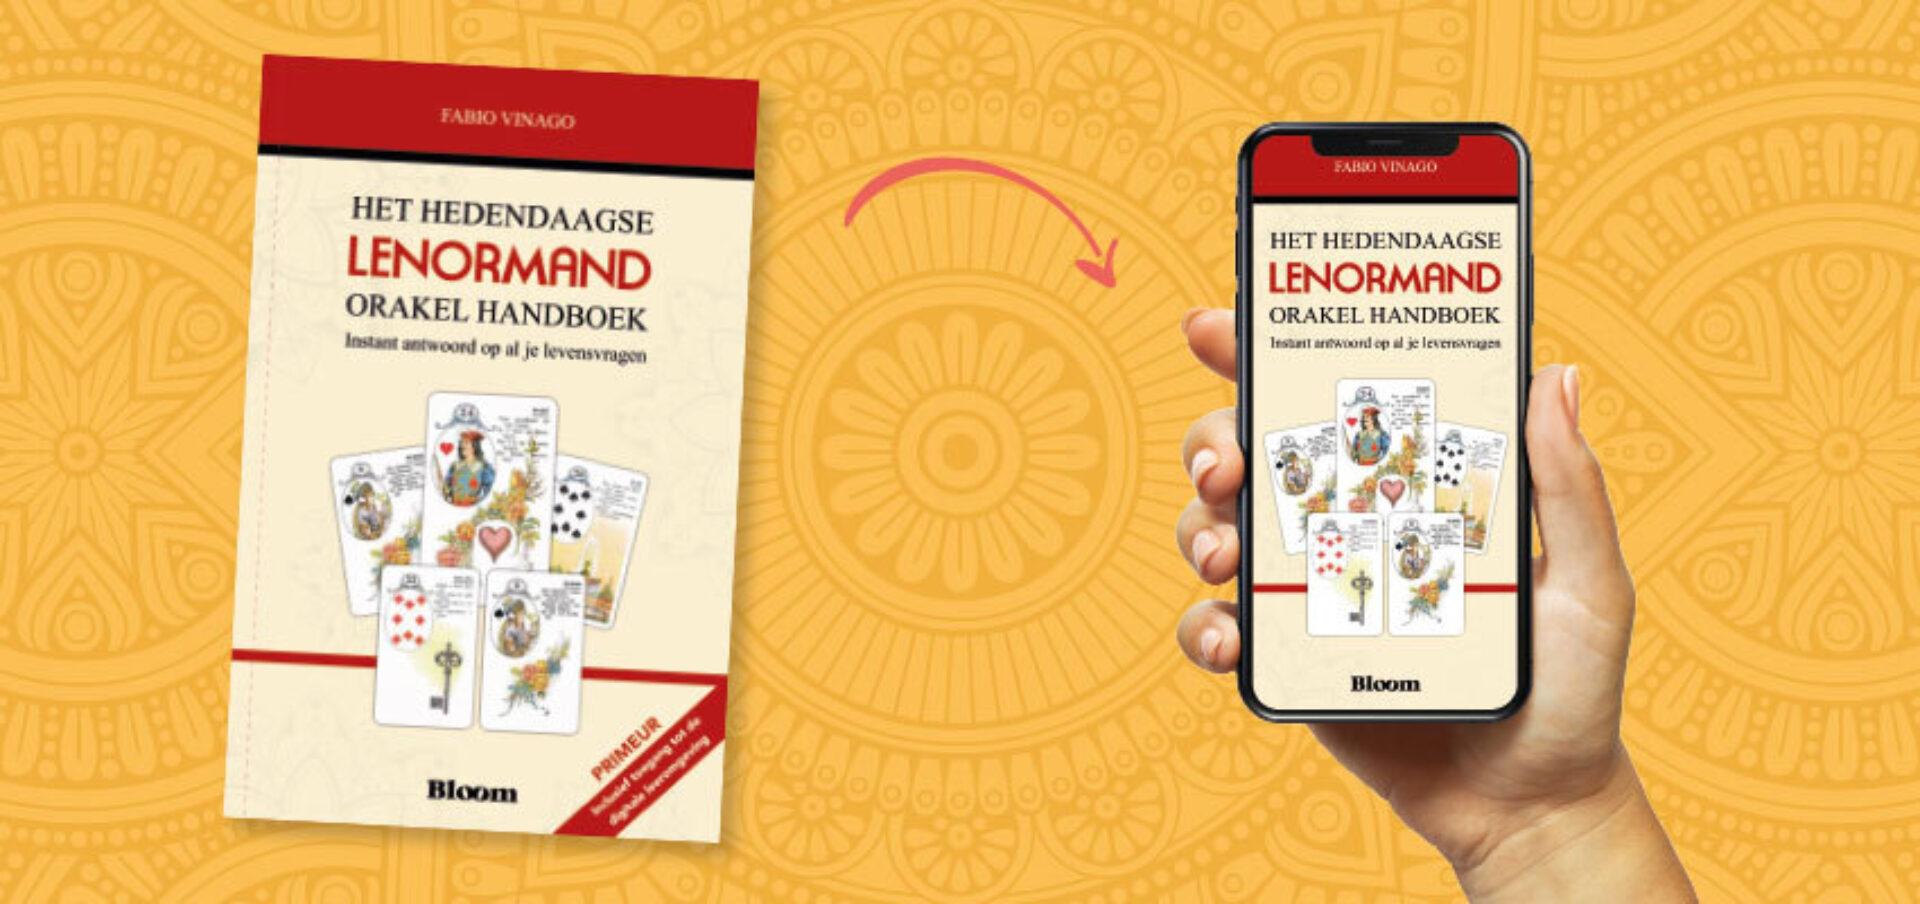 Maak kennis met het Lenormand Orakel Handboek en de digitale leeromgeving